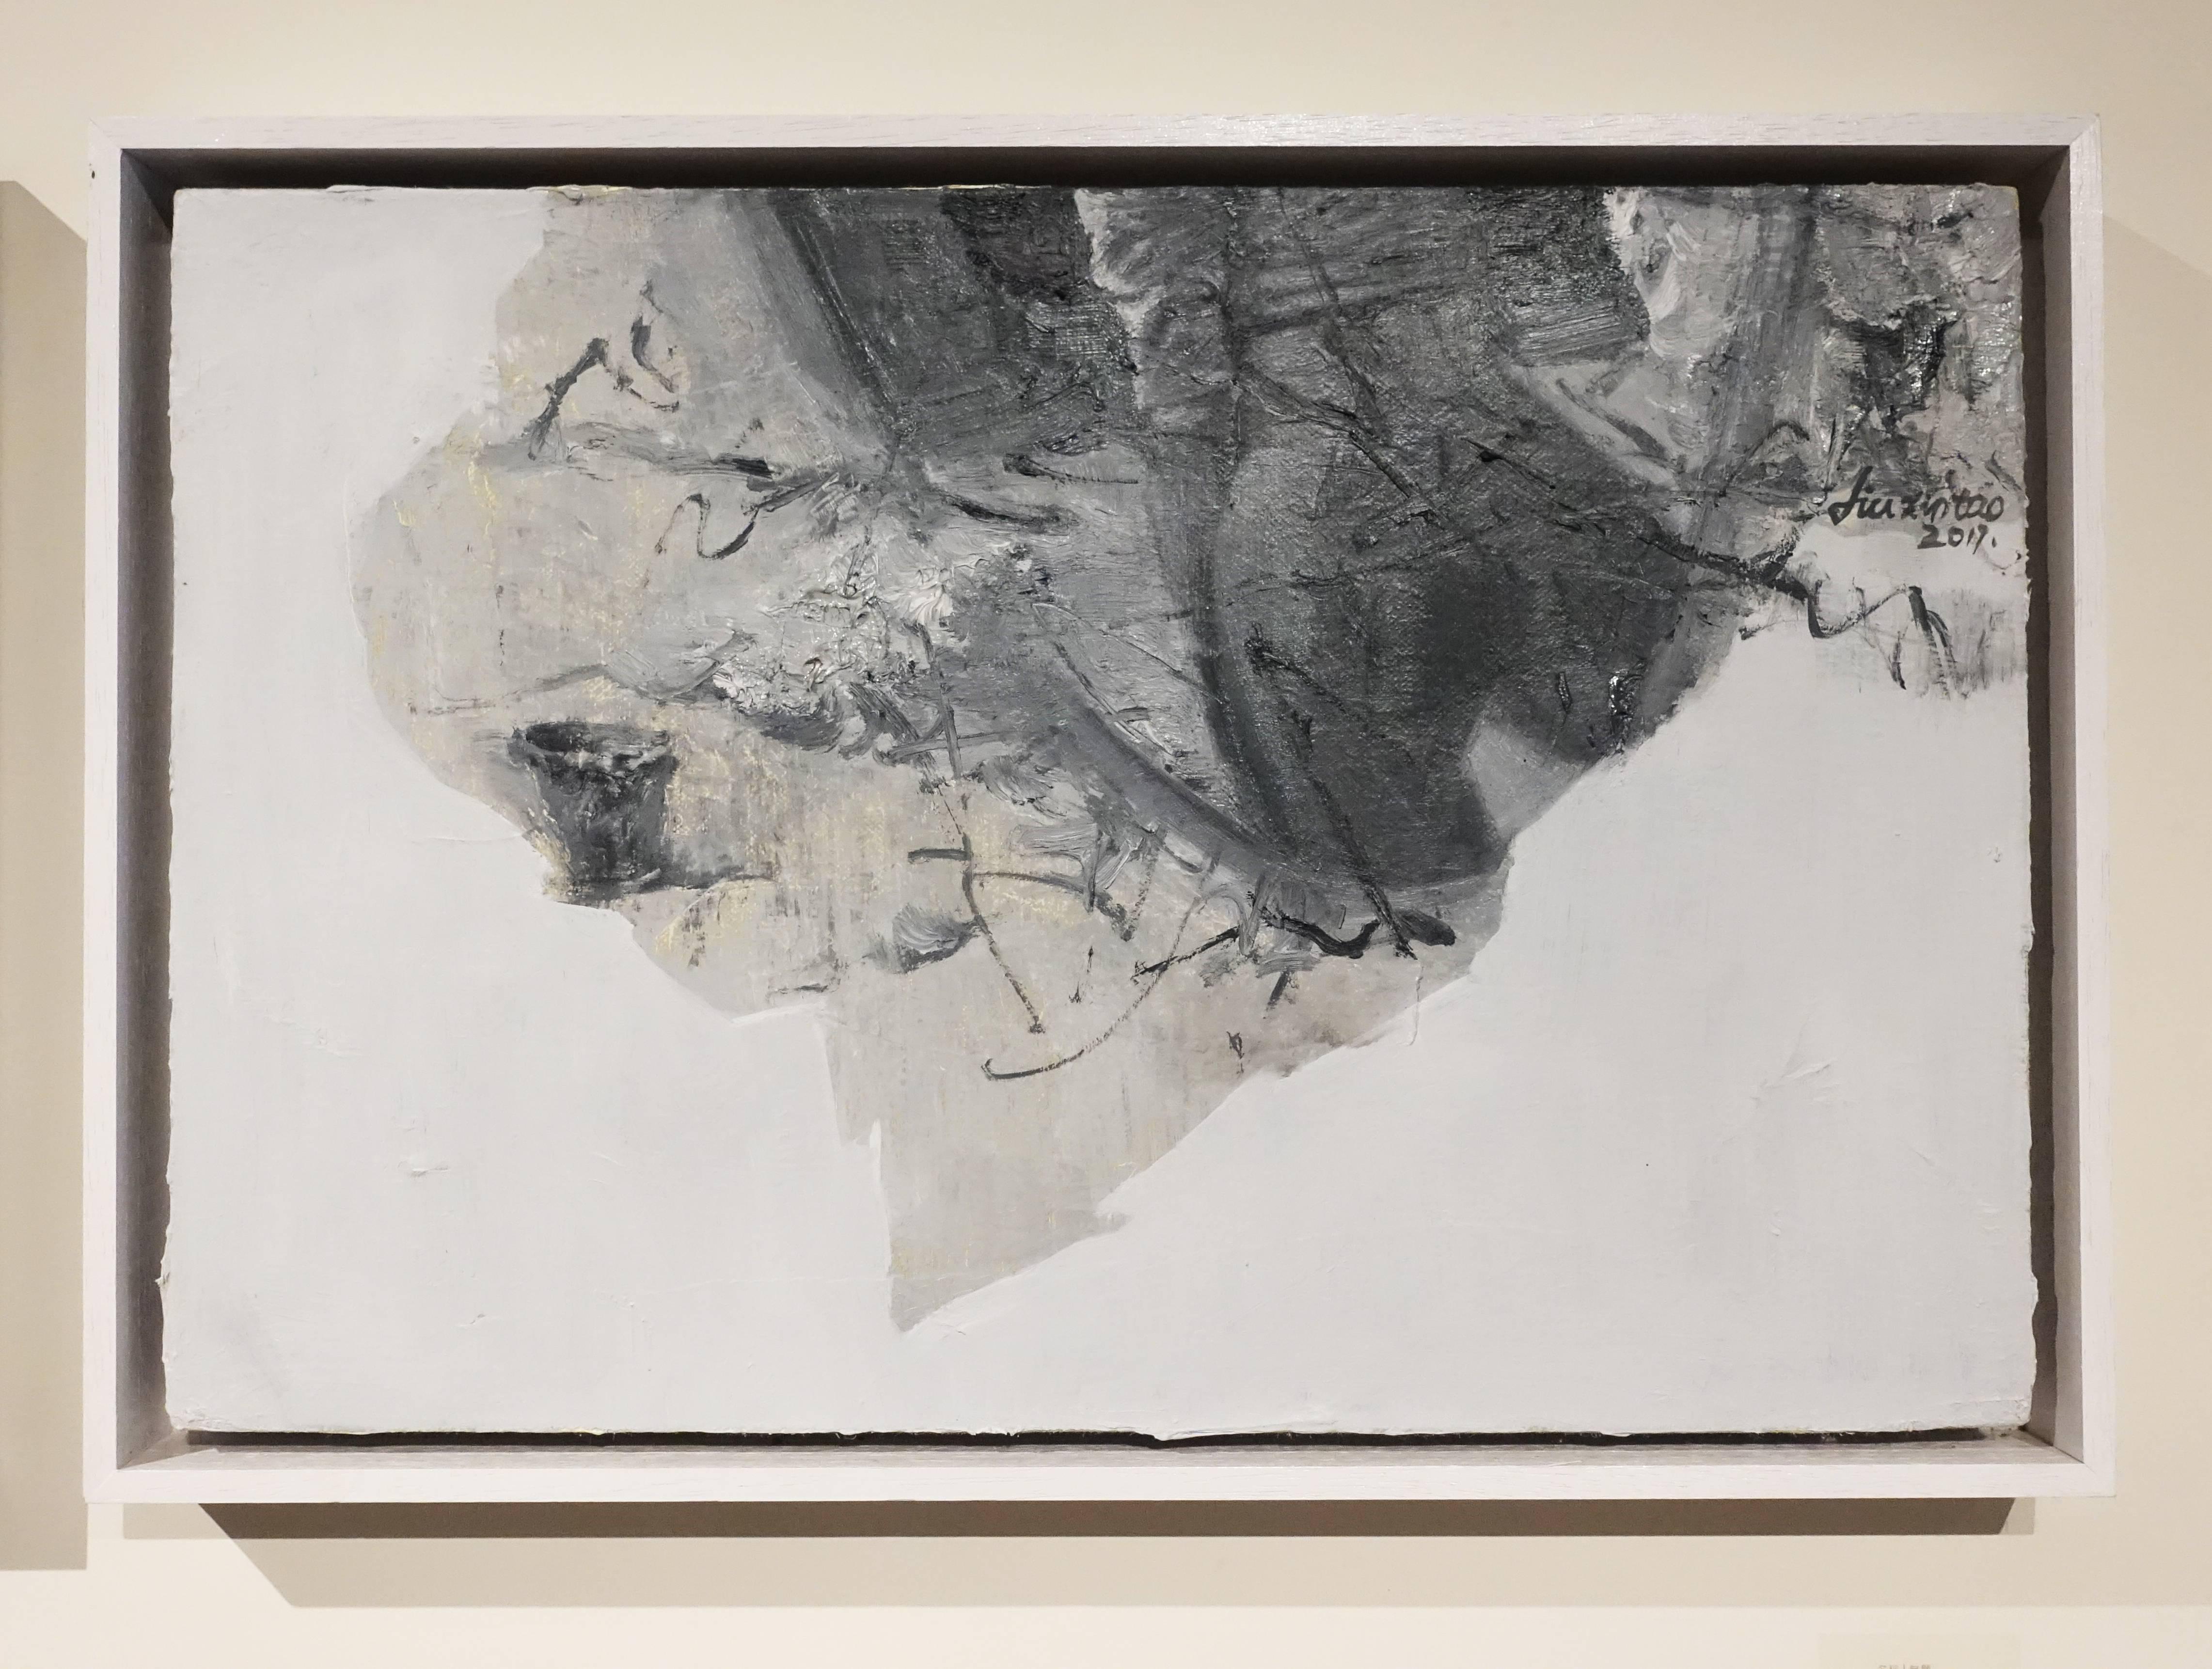 劉芯濤,《無題》,40 x 60 cm,布面油畫,2017。